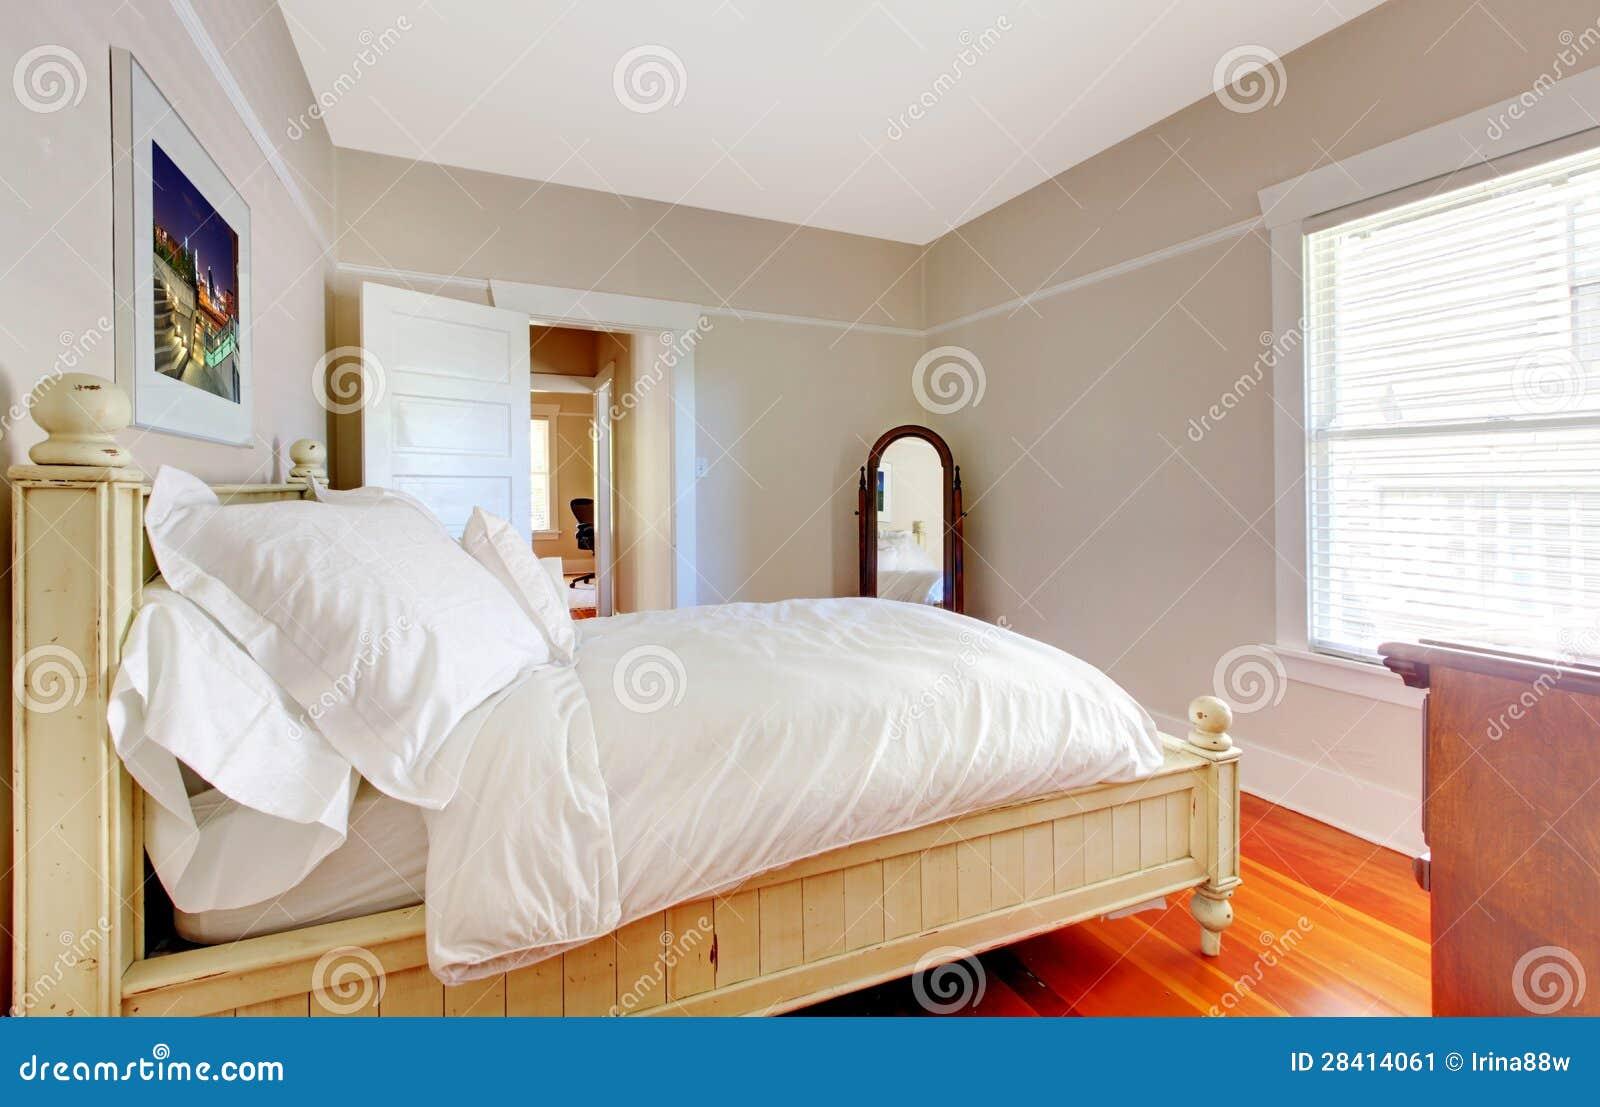 Camera da letto luminosa con il letto bianco e le pareti - Paravento camera da letto ...